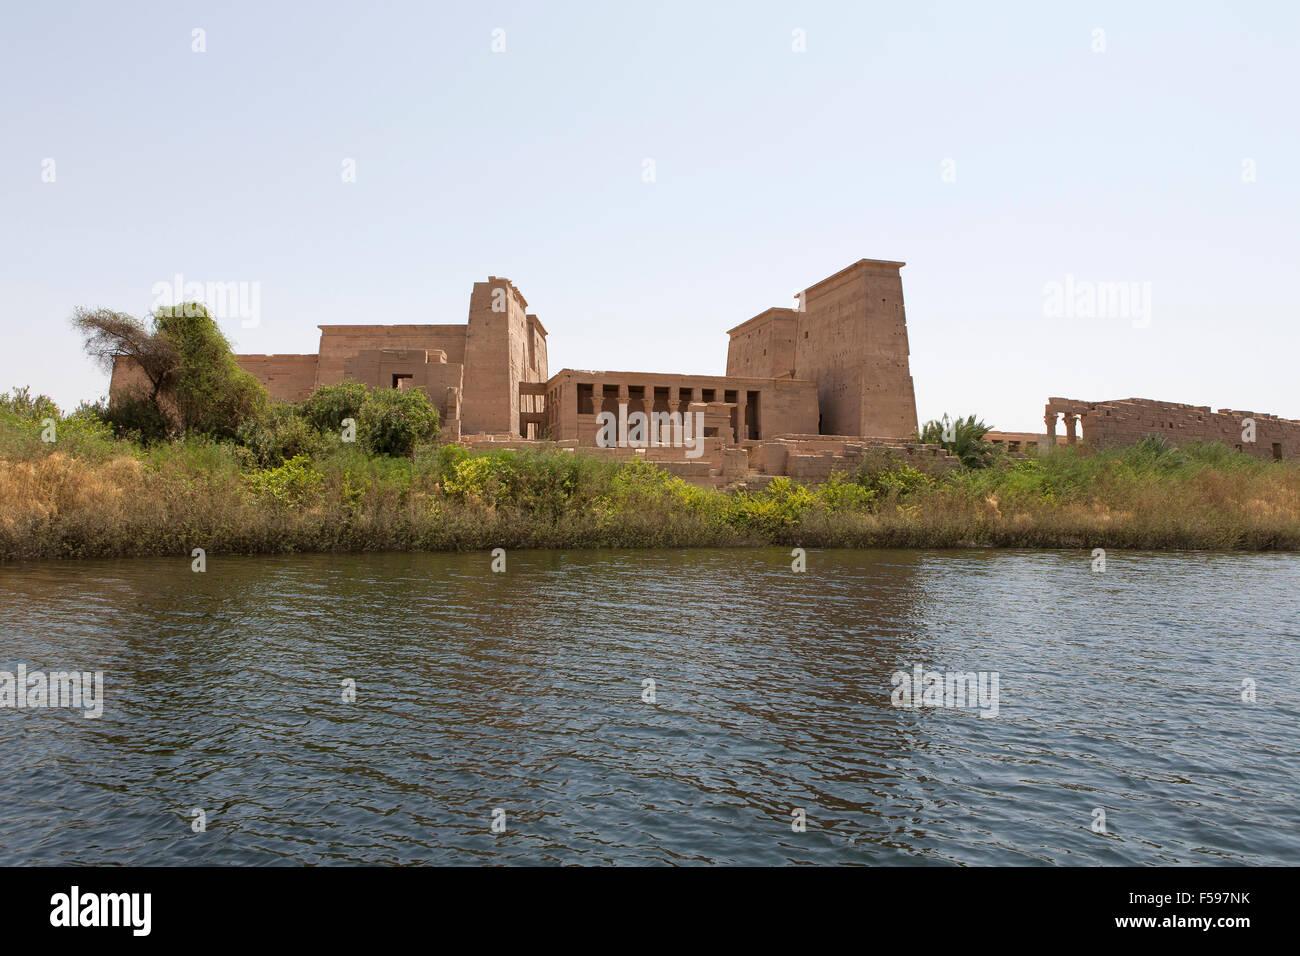 Temple de Philae, l'île d'Isis, Agliki, Assouan, en Haute Egypte vu de l'eau. Photo Stock